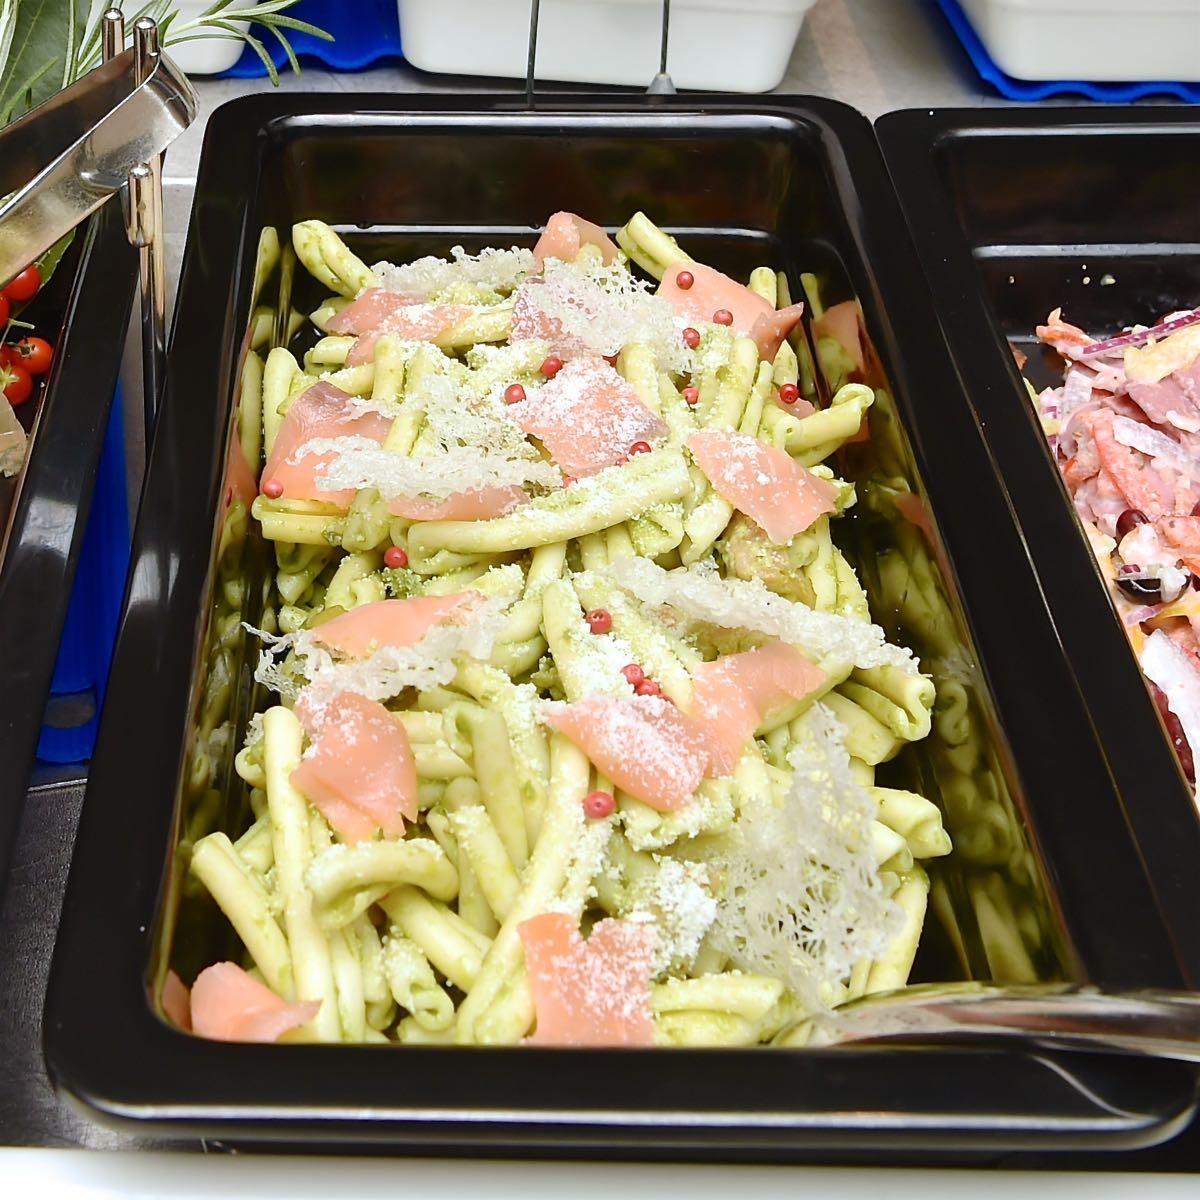 スモークサーモンと春菊のパスタサラダ2